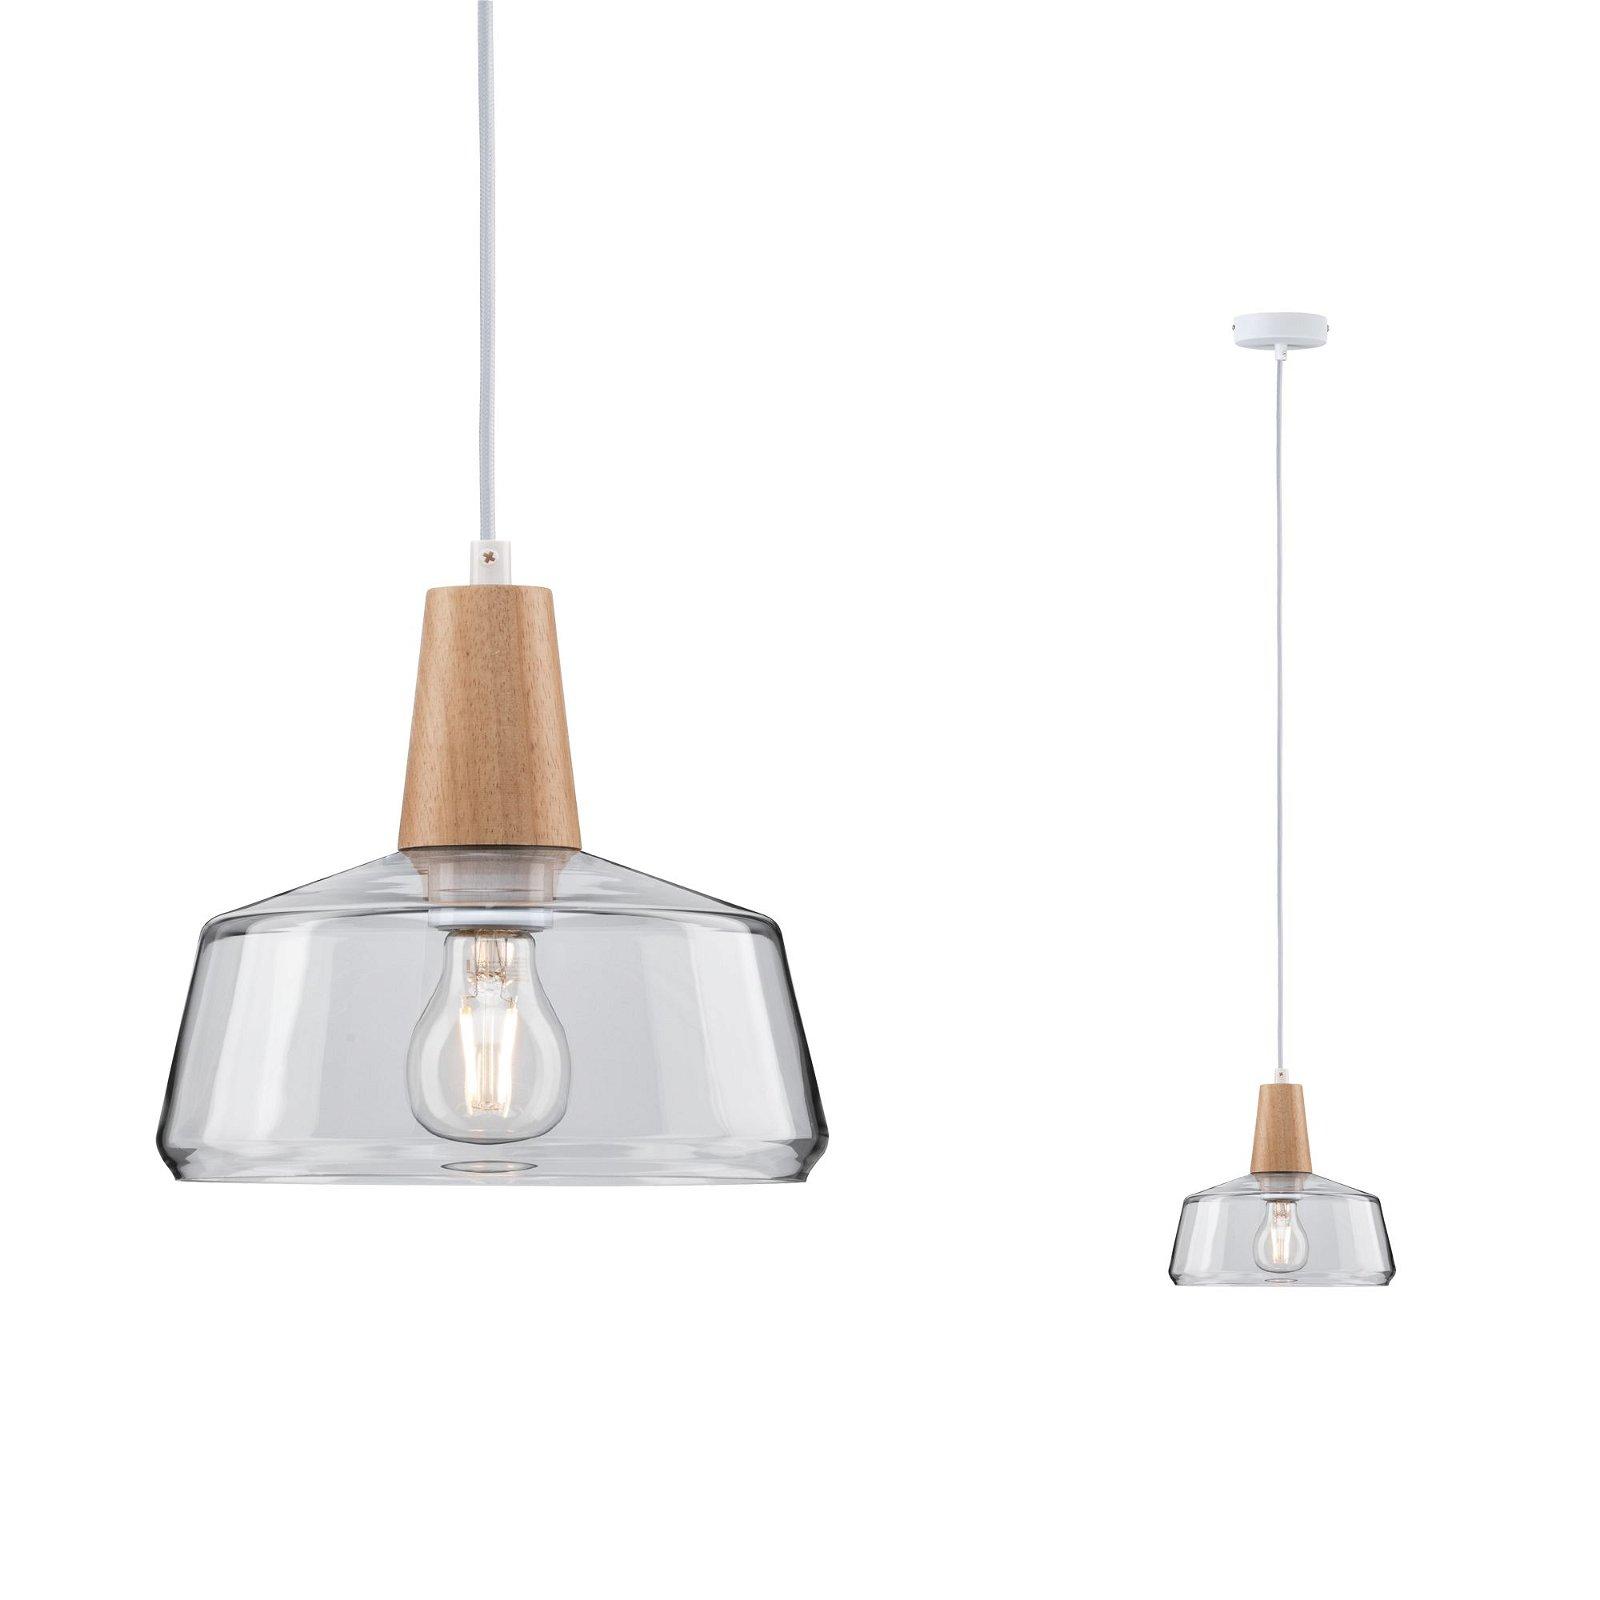 Neordic Pendelleuchte Yva E27 max. 20W Holz/Klar Holz/Glas